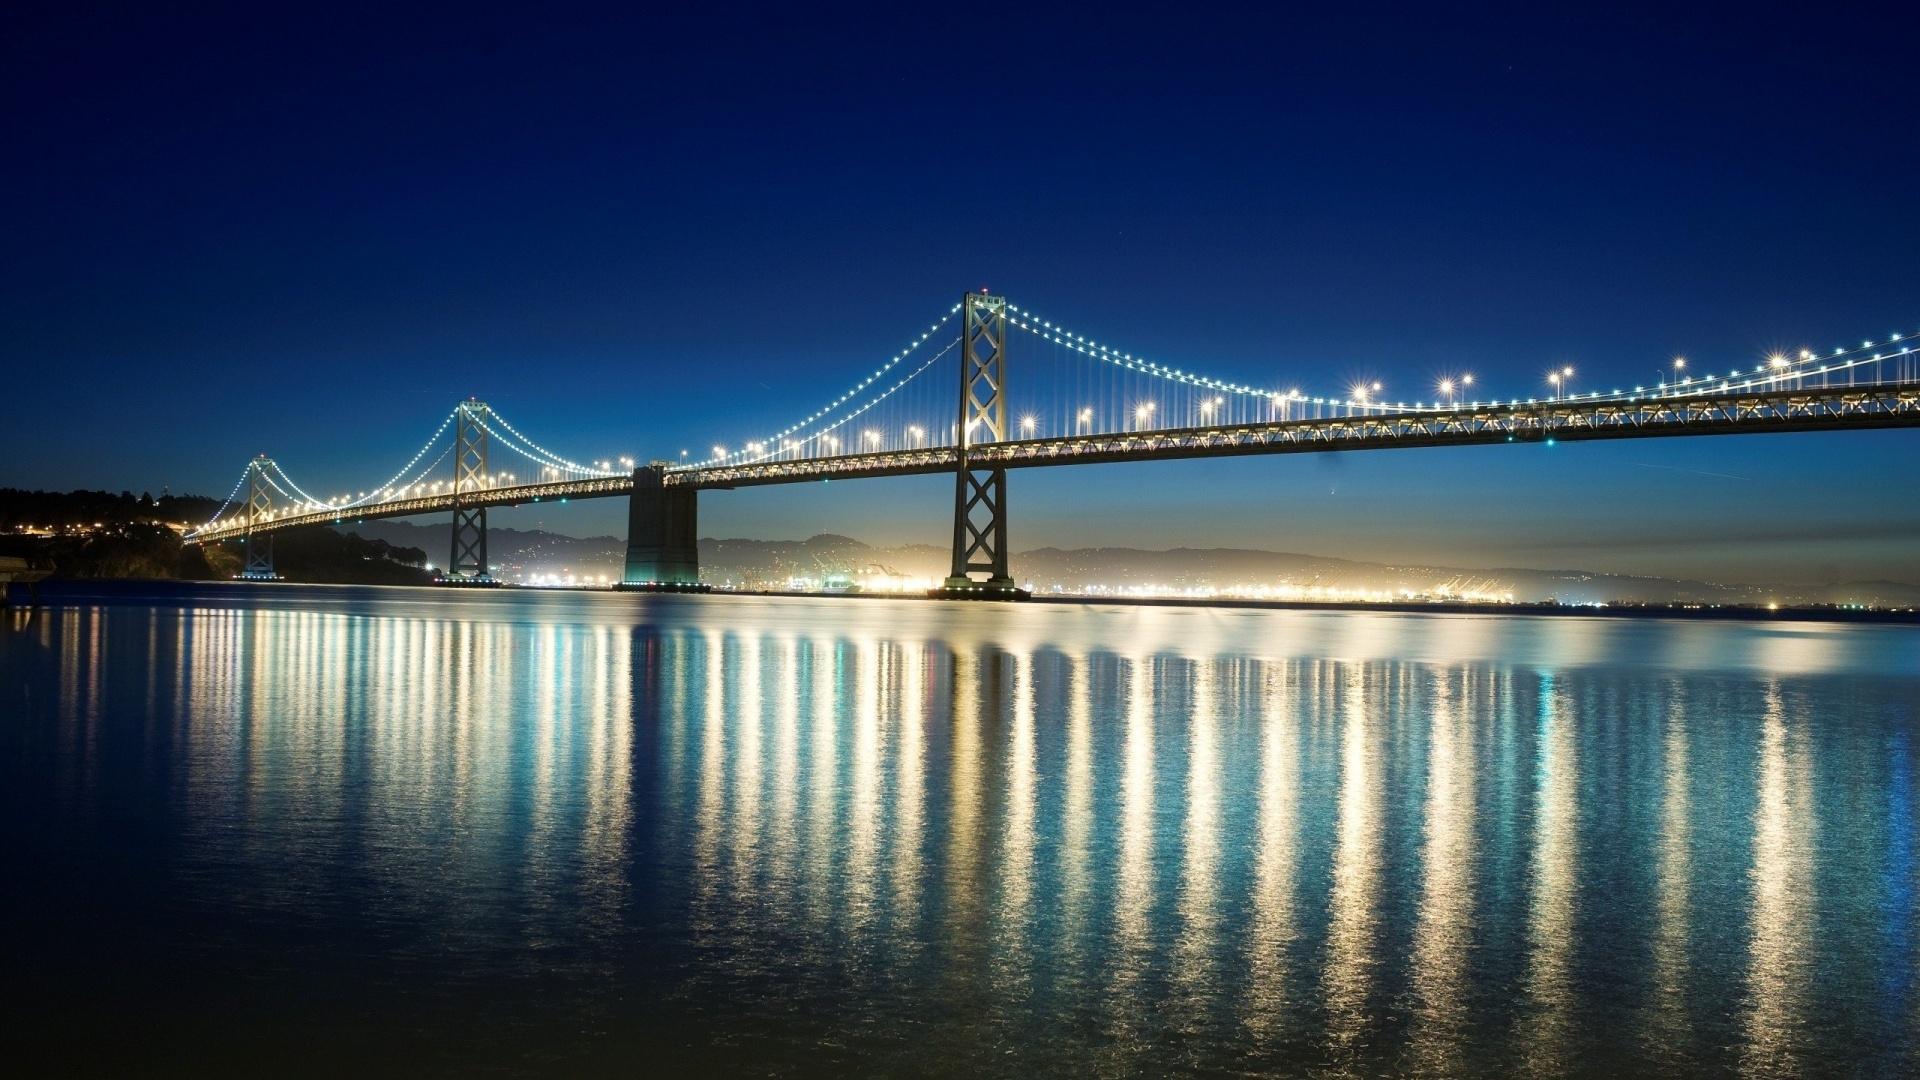 Widescreen HD Bridge Wallpapers Bridge Backgrounds For Download 1920x1080